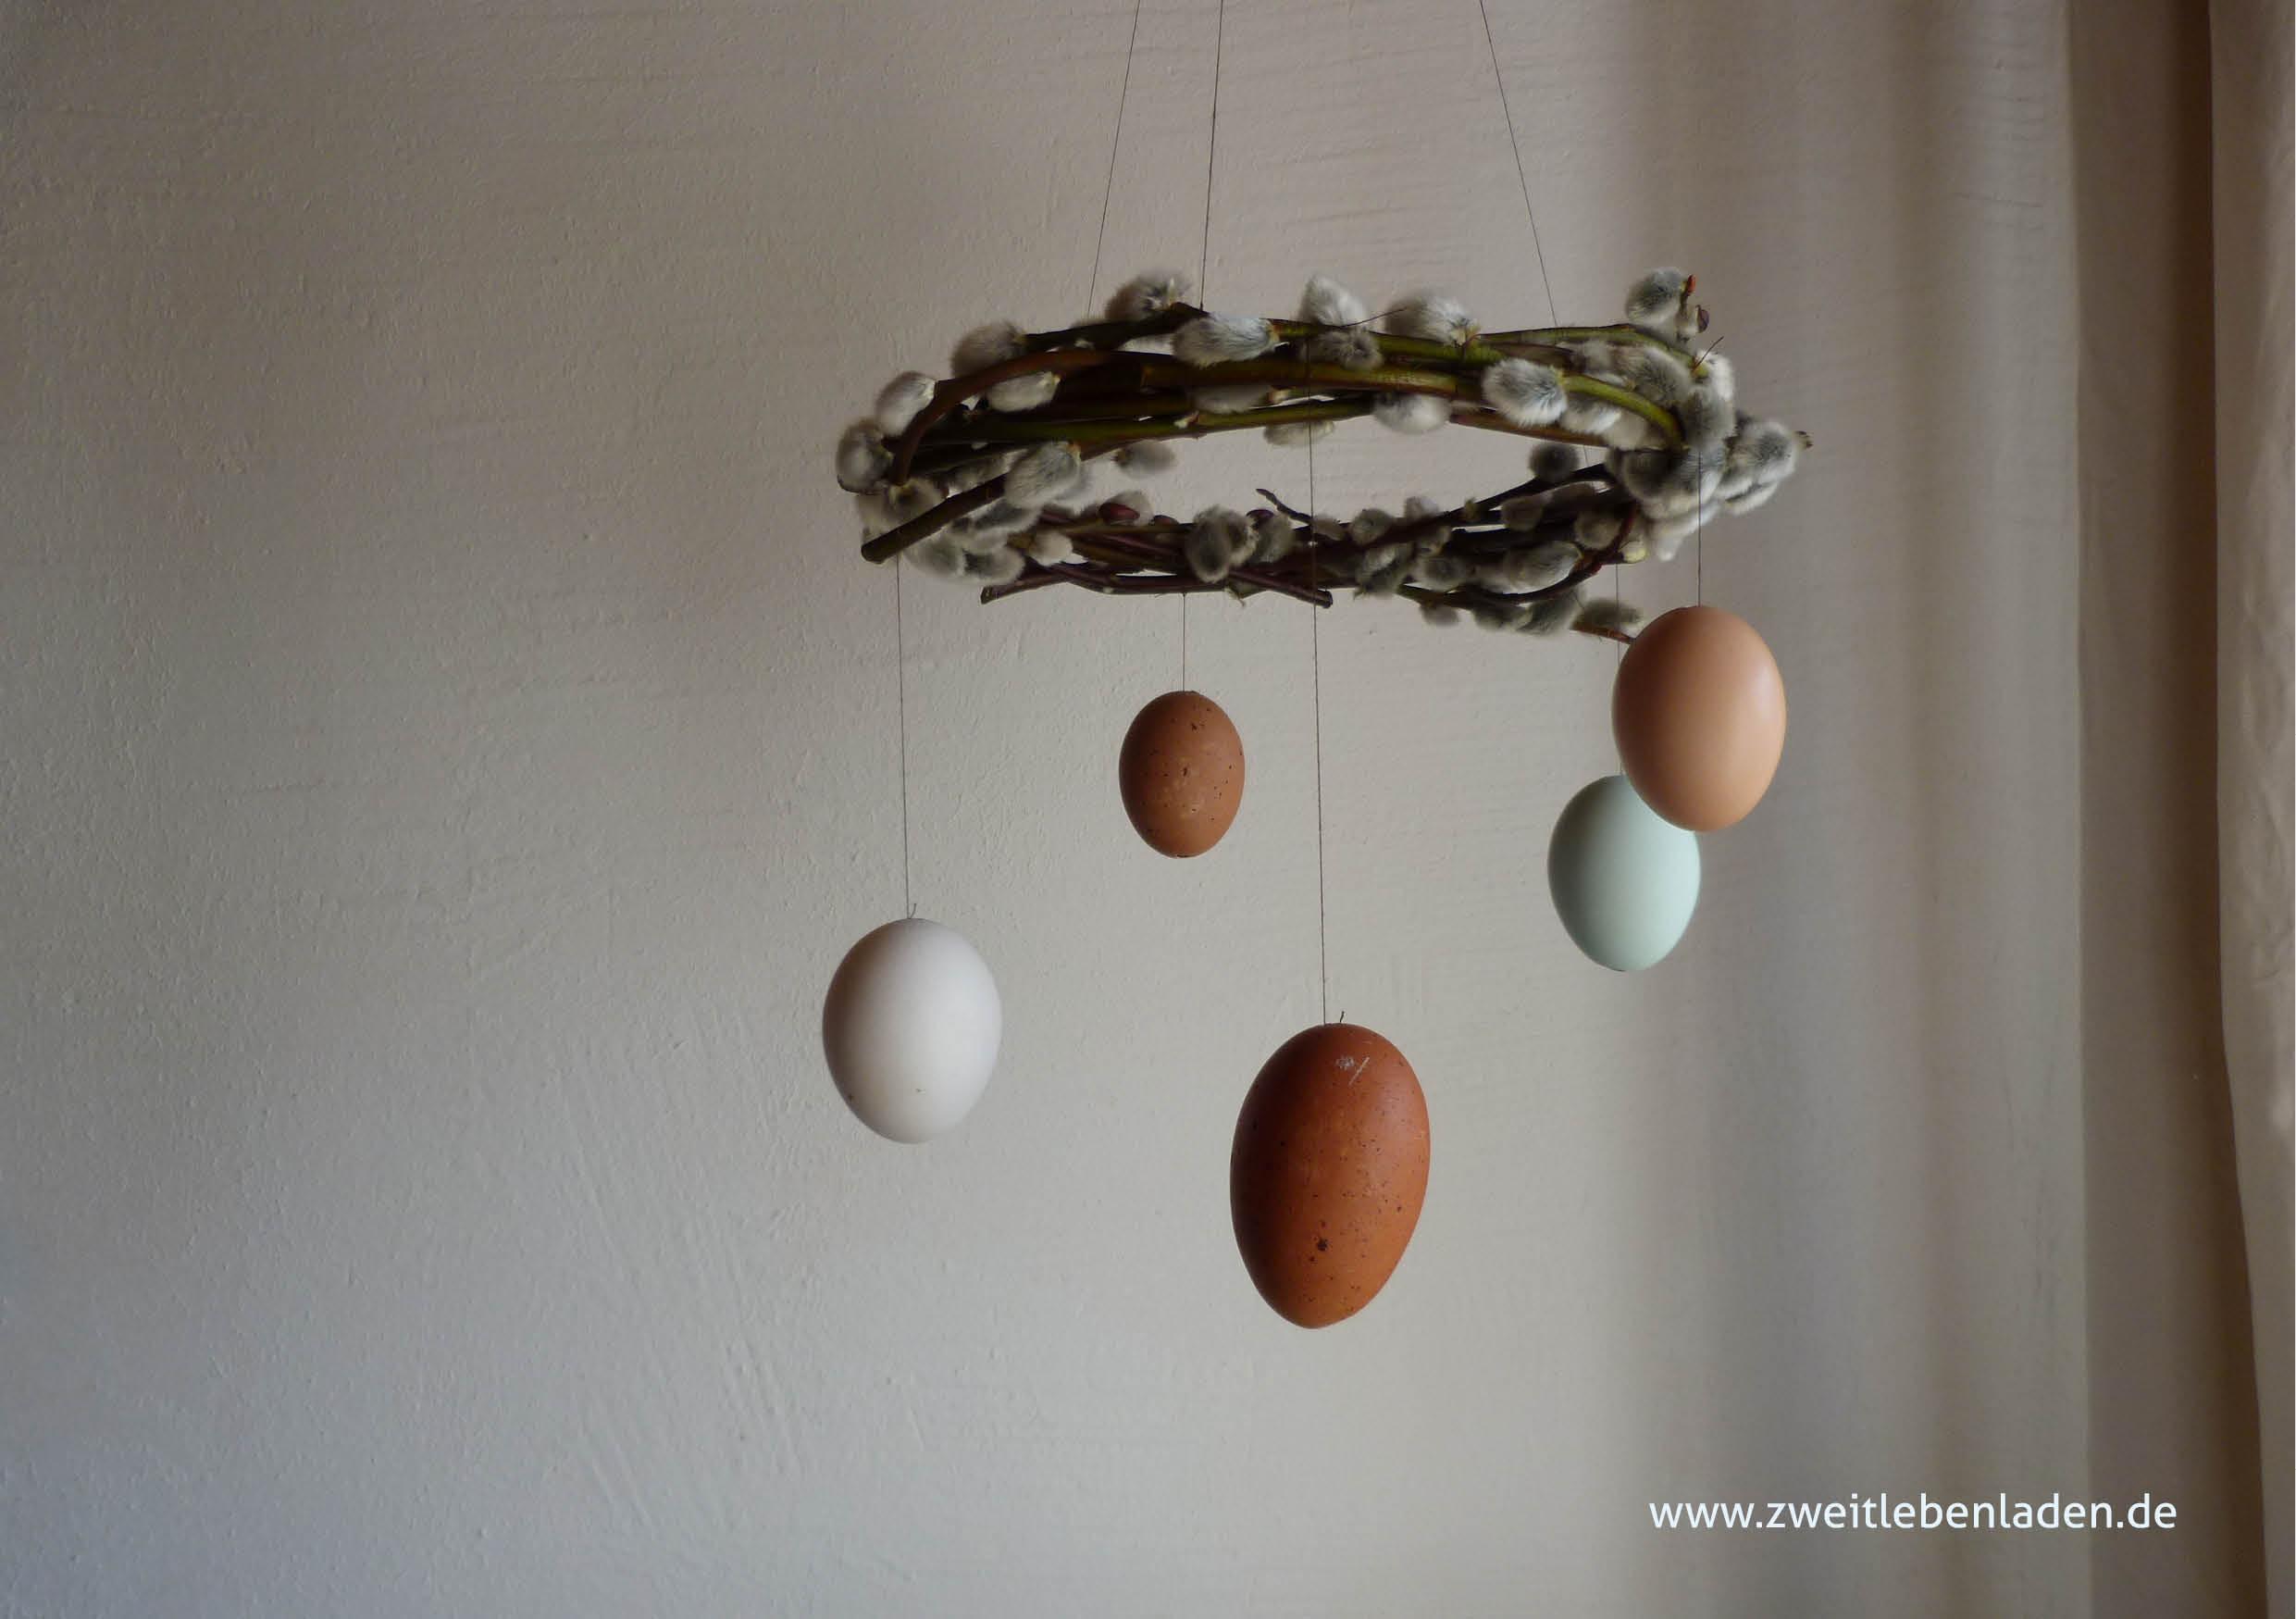 Osterdeko, Ostermobile_Kranz aus Sal-Weide mit hängenden Ostereiern